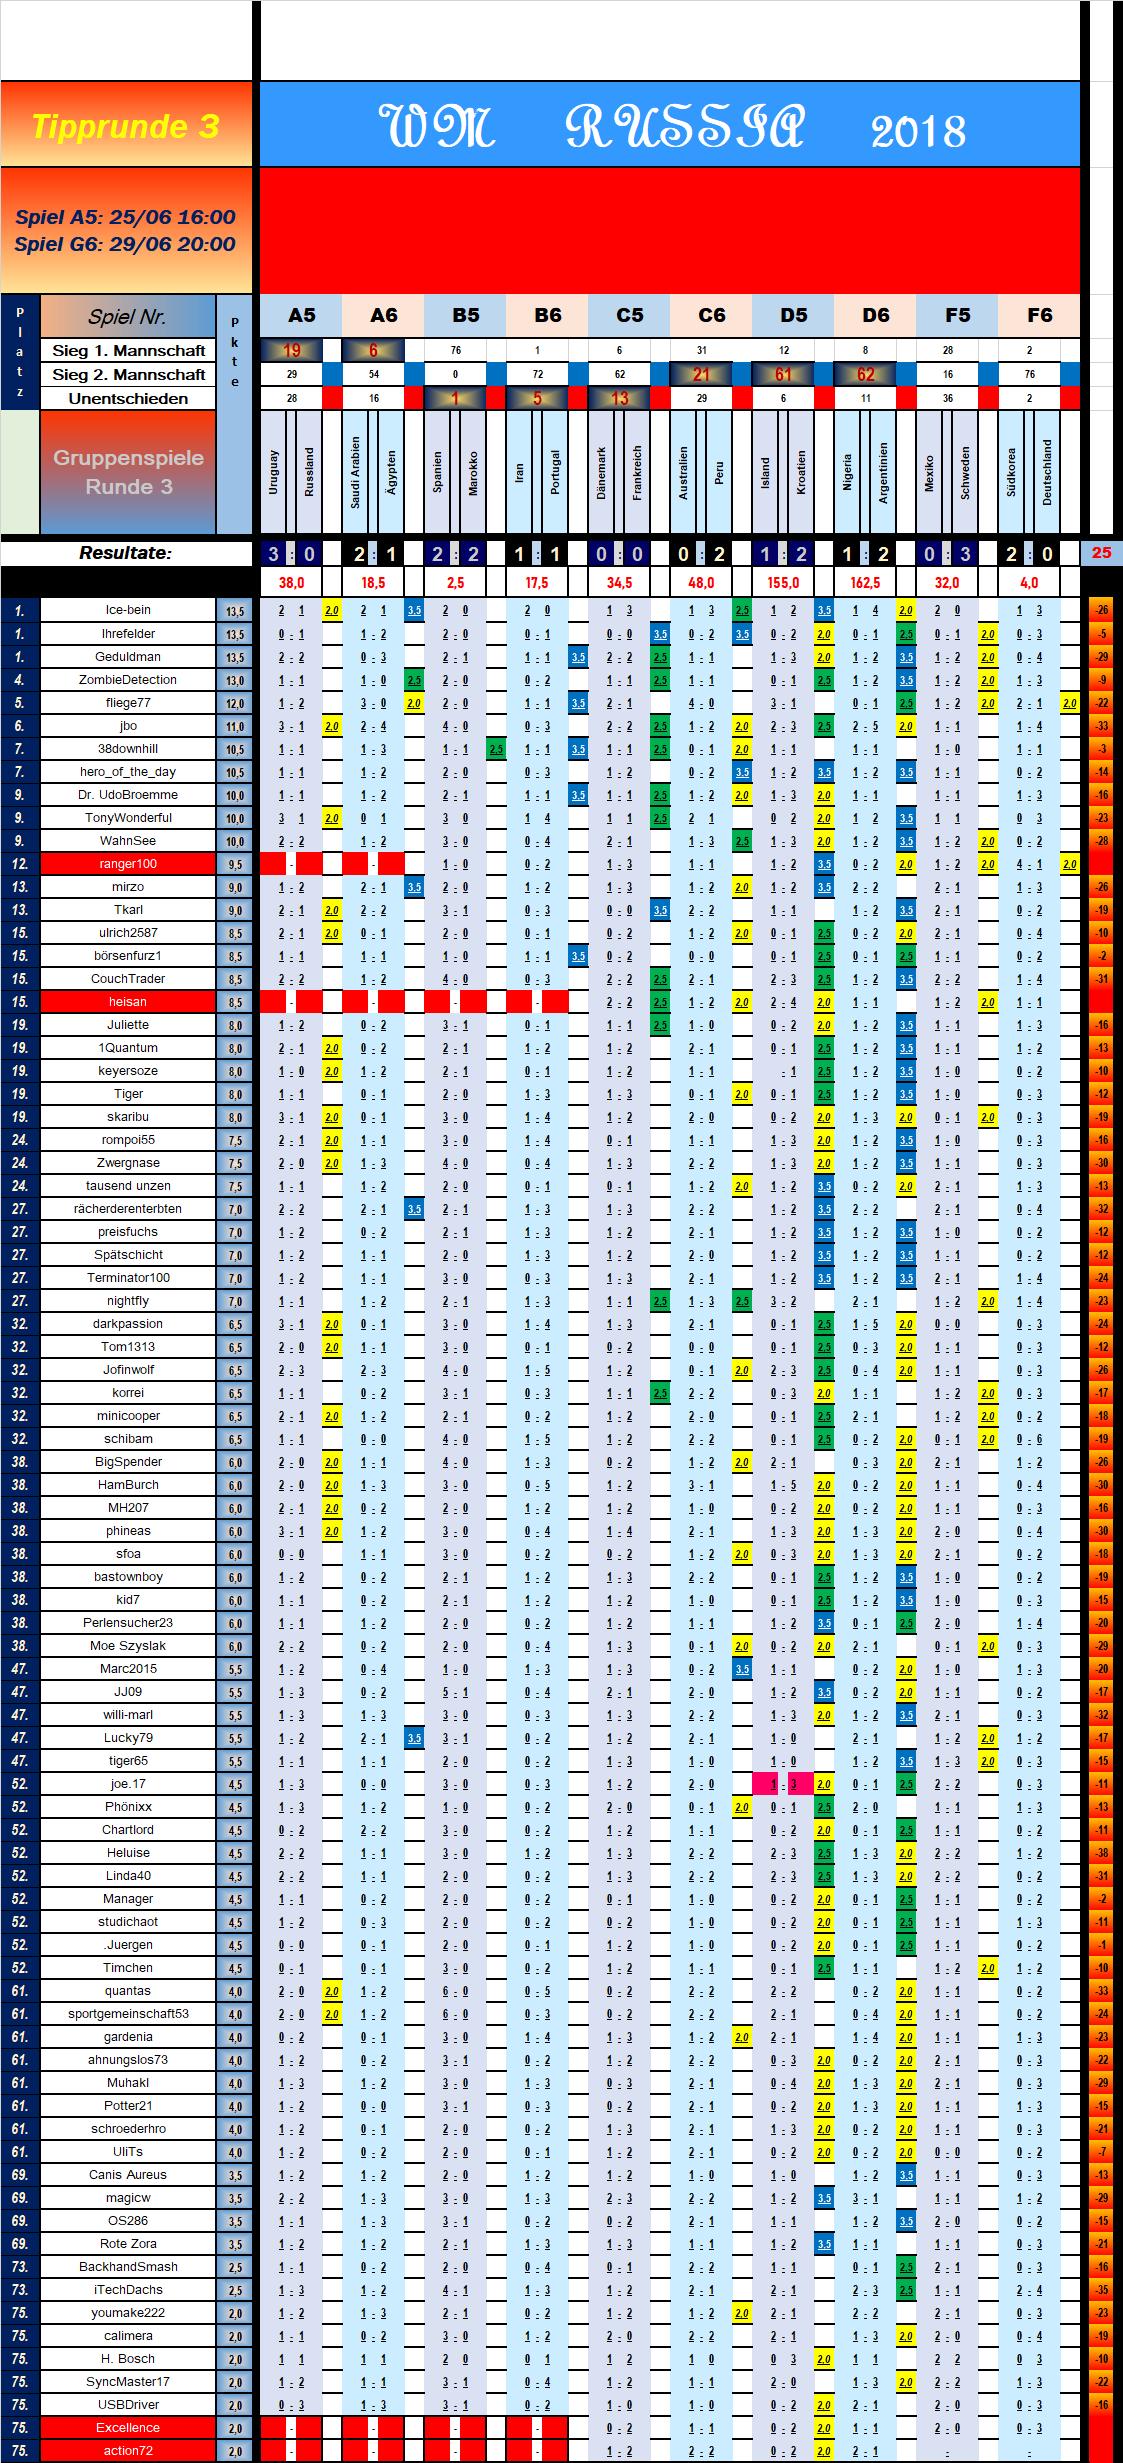 tabelle_vorrunde_3_spiel_10.png